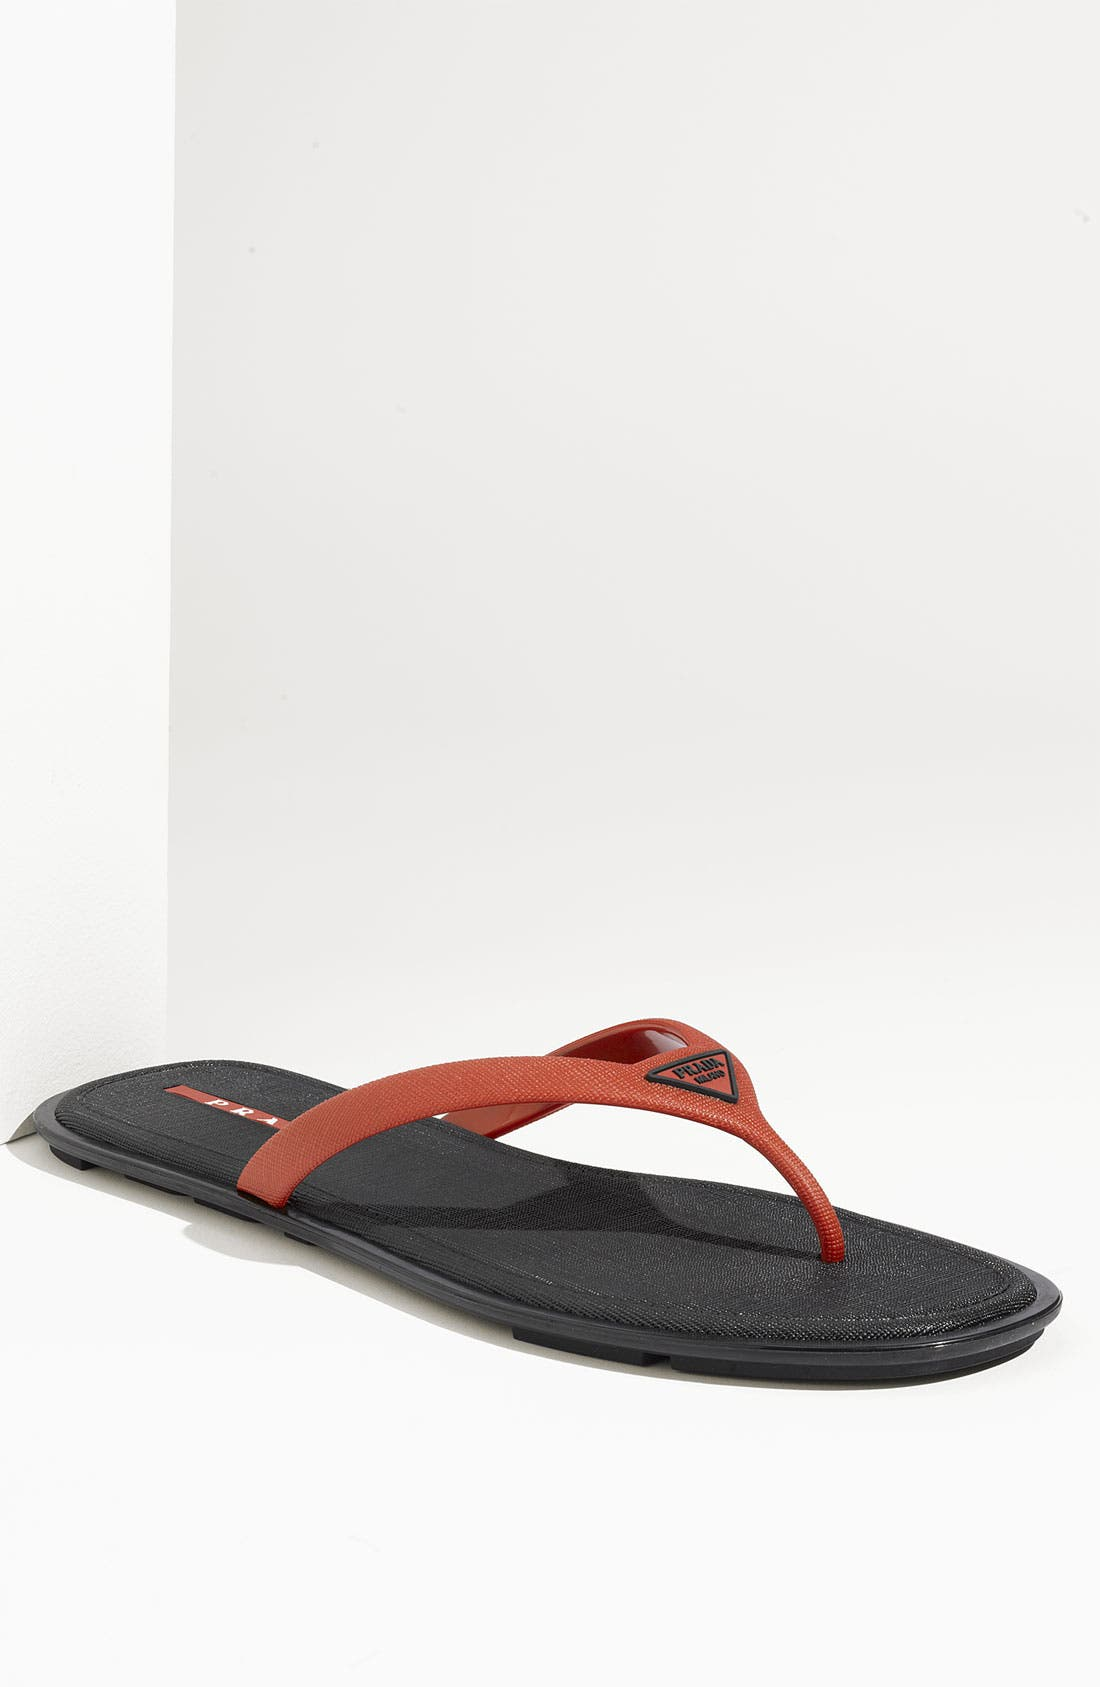 Alternate Image 1 Selected - Prada Thong Sandal (Men)